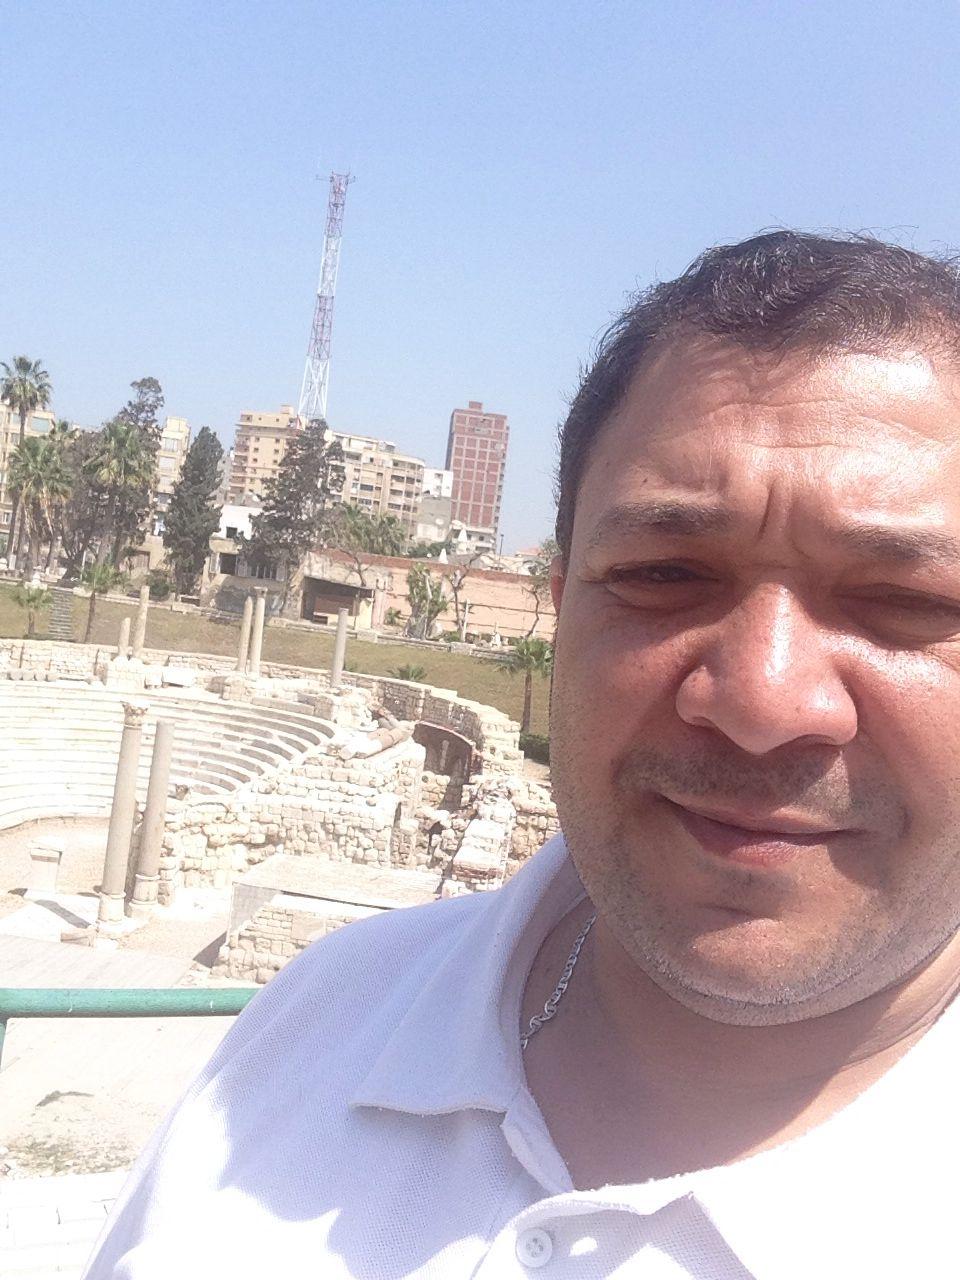 انا في المدرج الروماني في الاسكندرية